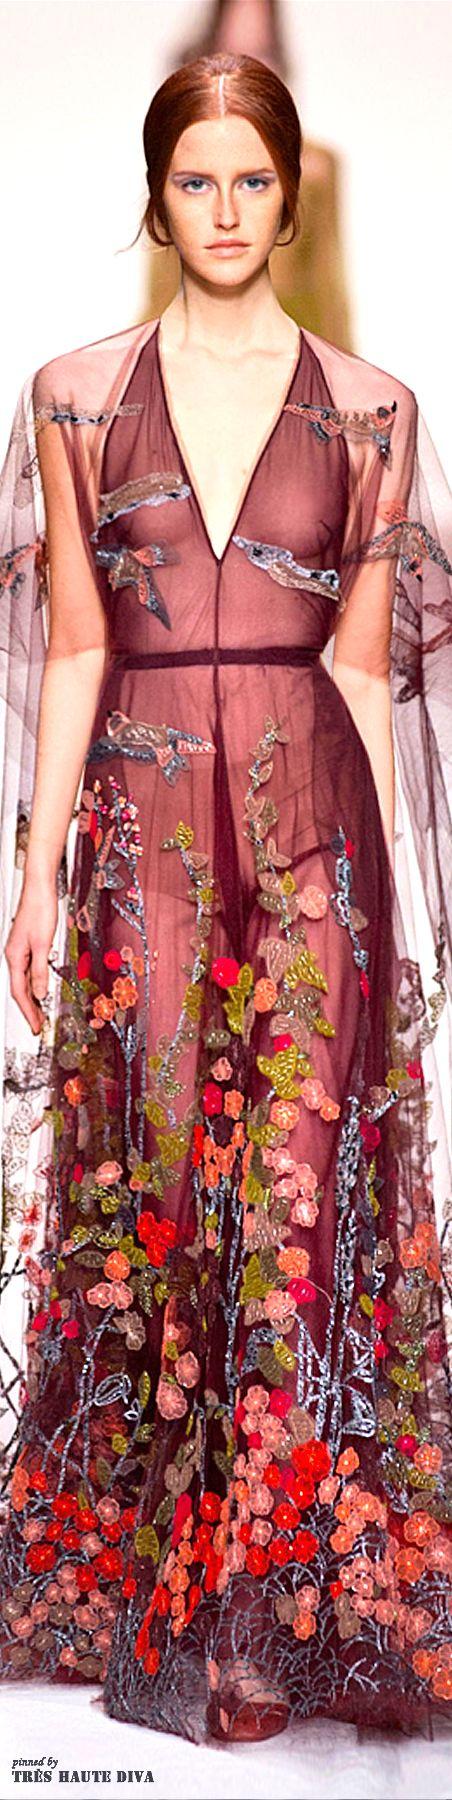 #Paris Fashion Week #Valentino Fall 2014 RTW